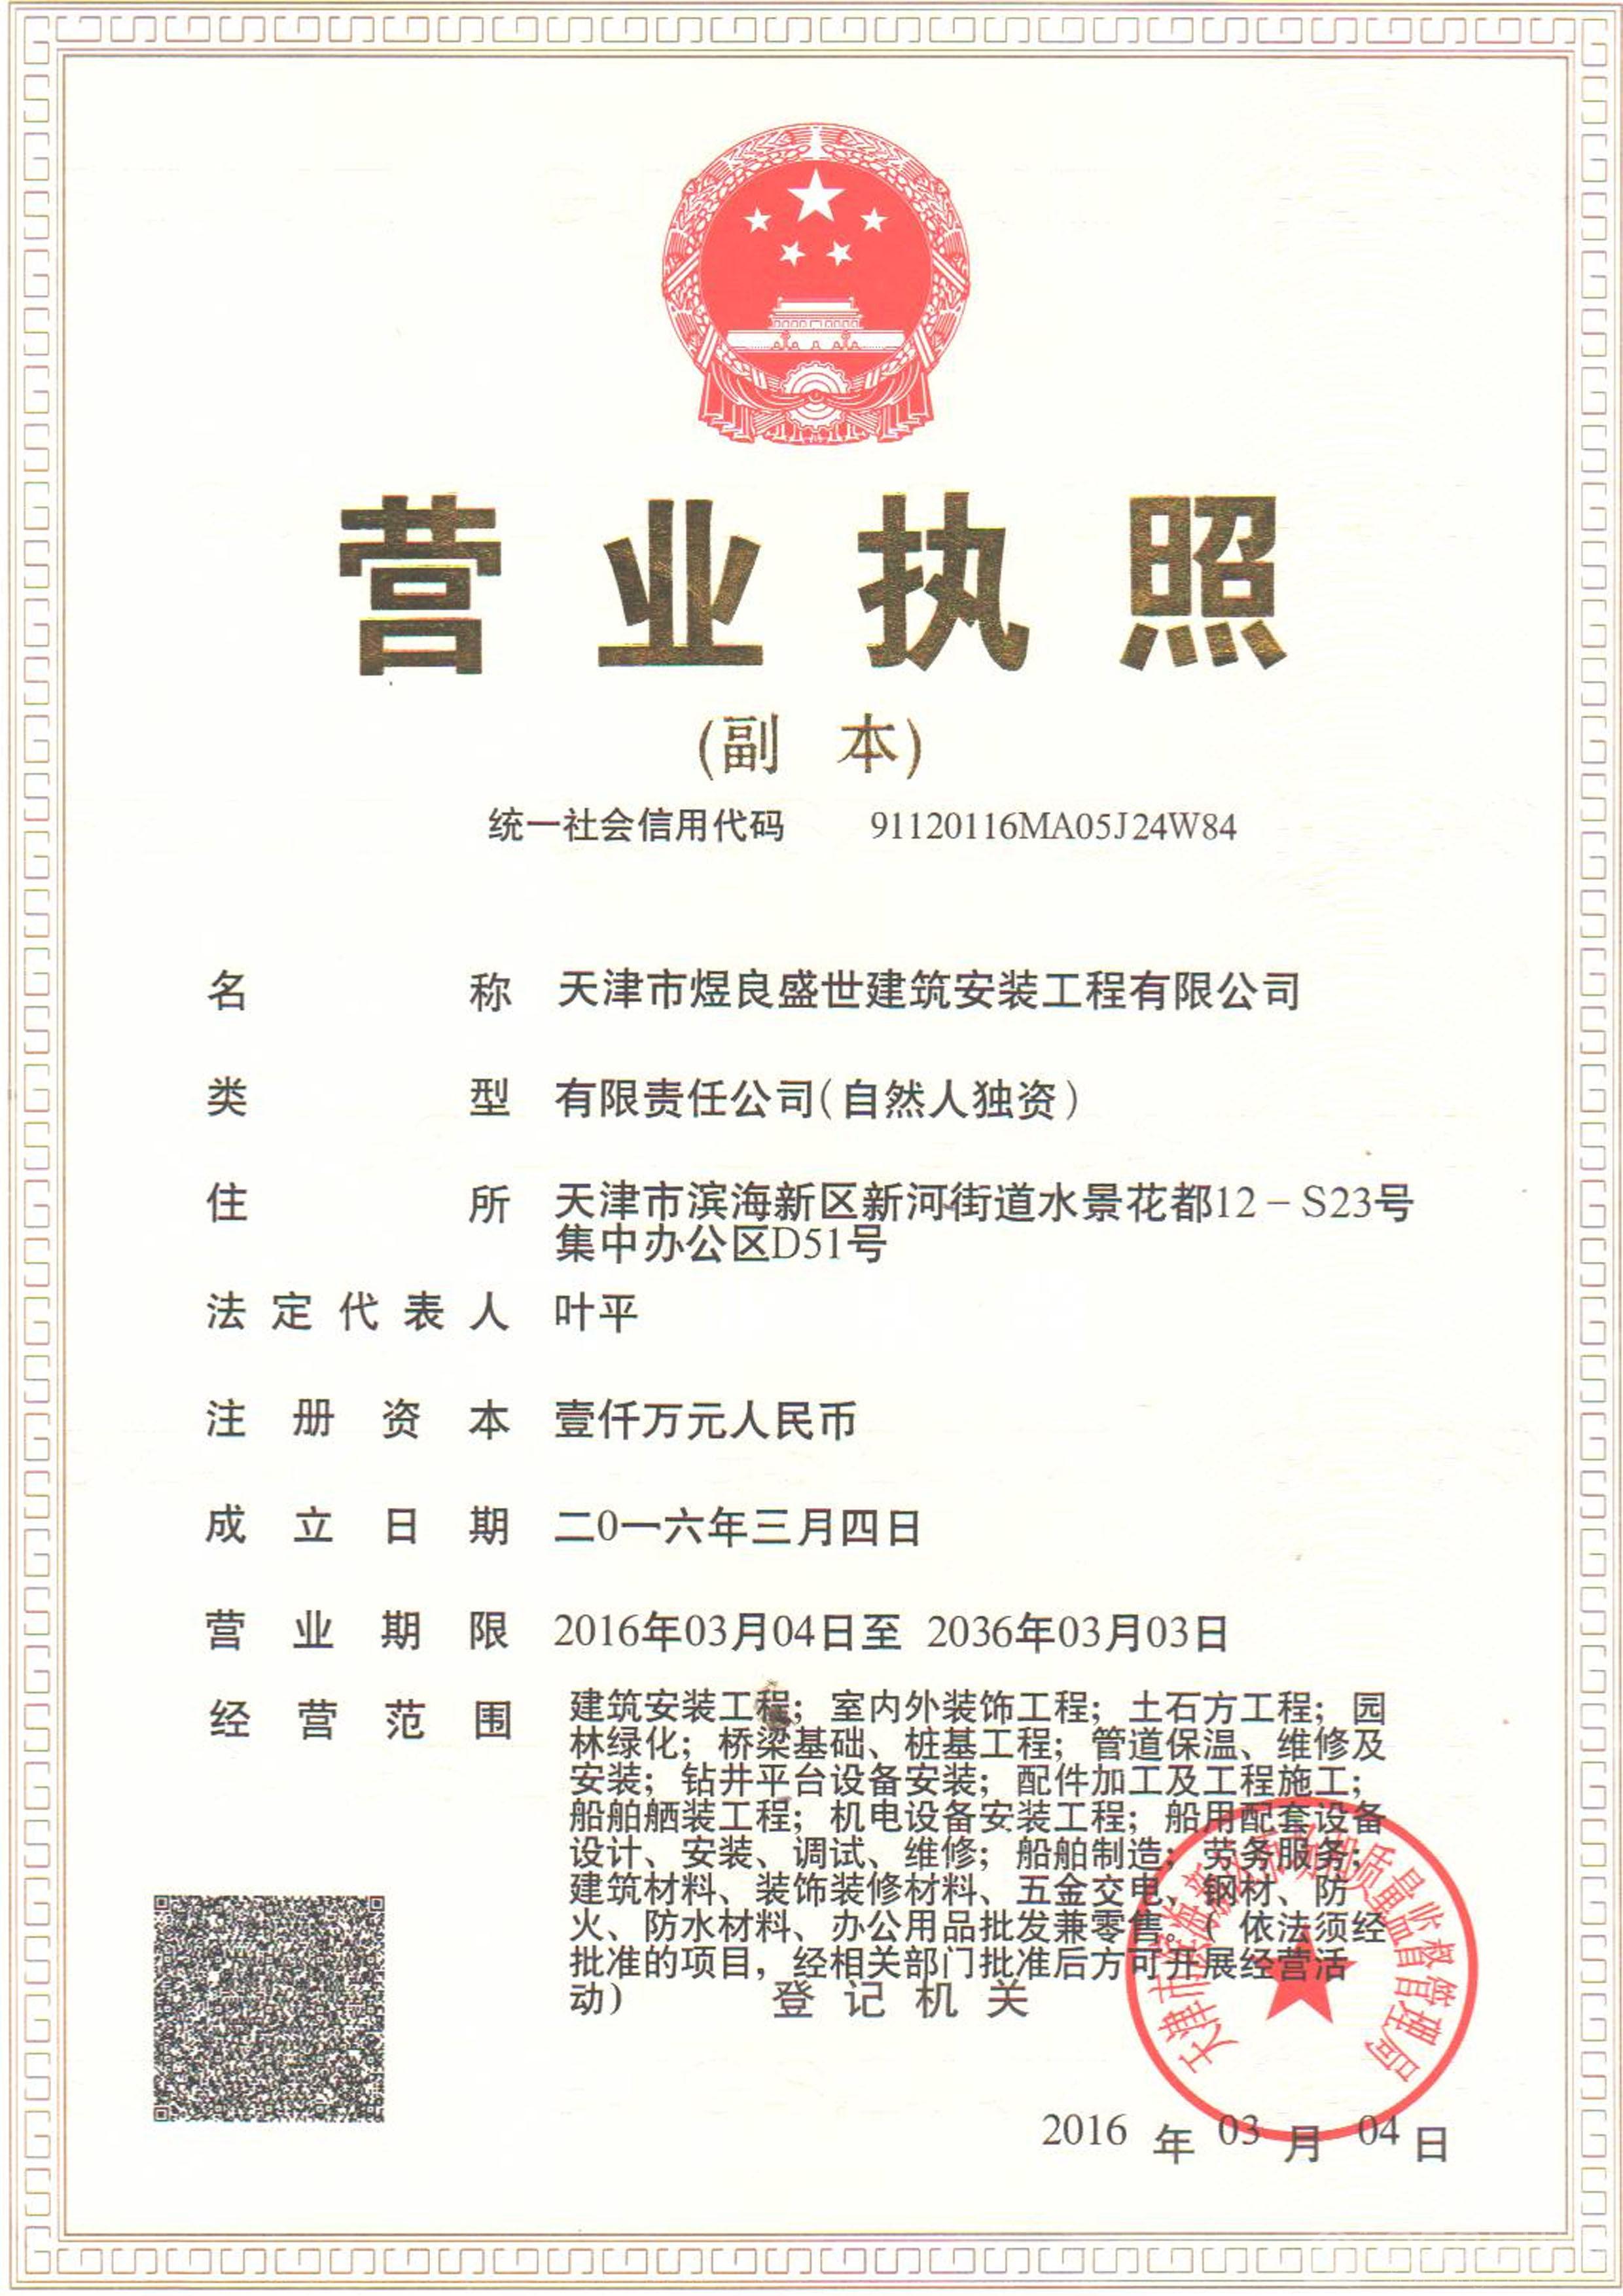 天津市煜良盛世建筑安装工程有限公司